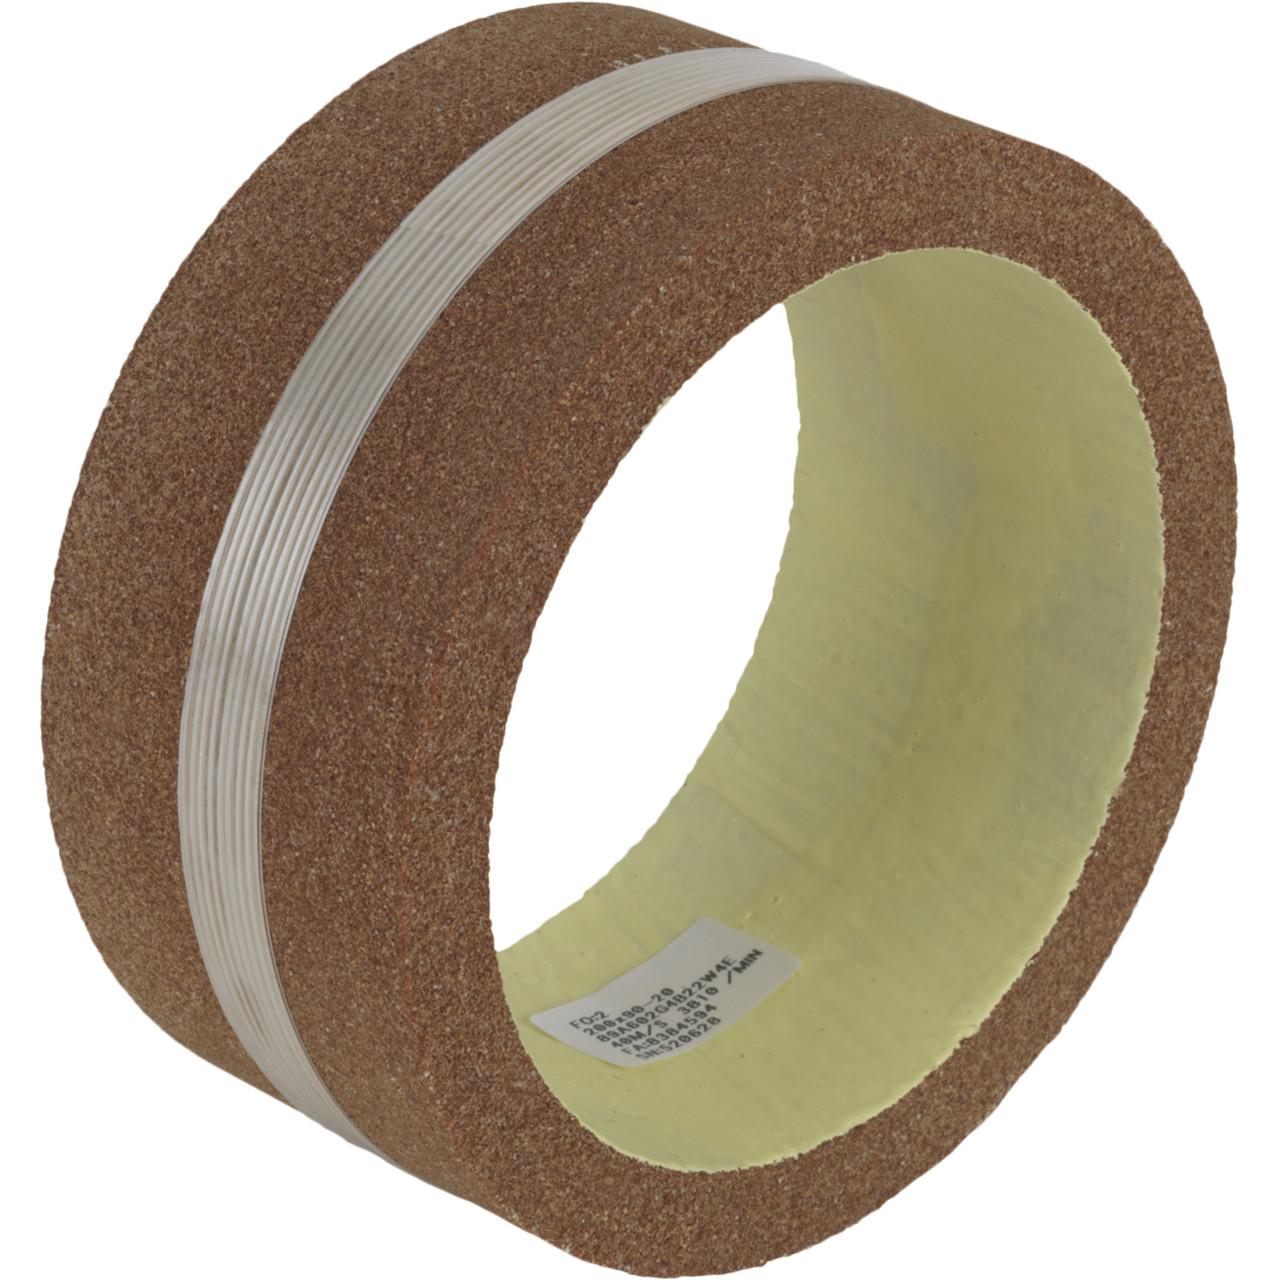 Immagine di Rettifica in piano con anelli, ceramica/resina convenzionale Per acciai altolegati e superrapidi